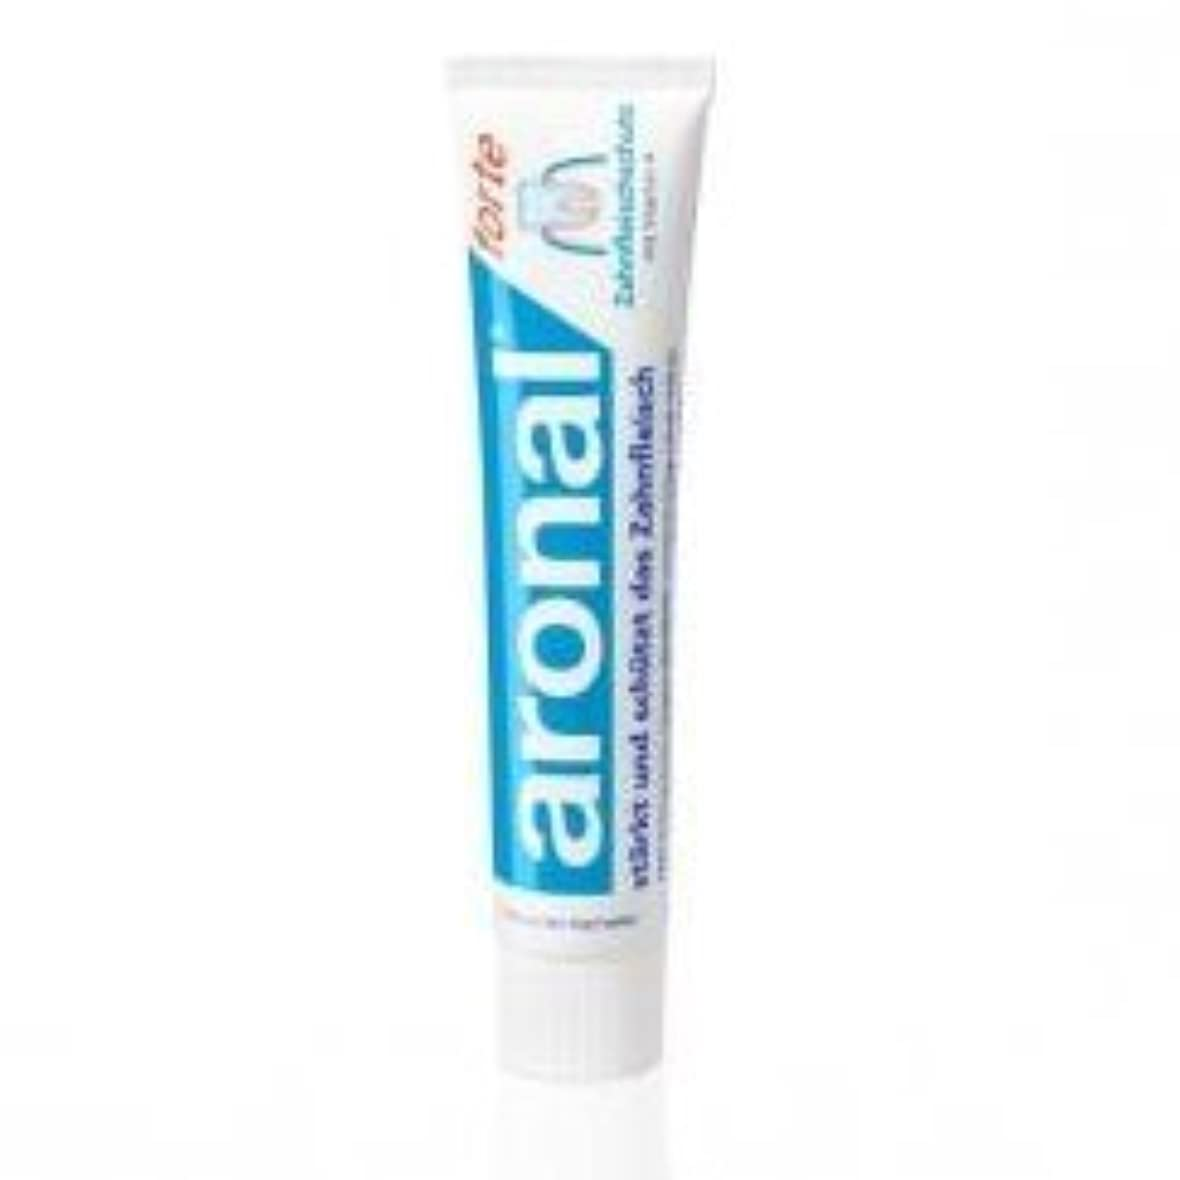 数学裏切るあまりにもアロナール(ビタミンA配合) 歯磨き粉 75ml x 1Pack (elmex aronal toothpaste 75ml) 【並行輸入品】